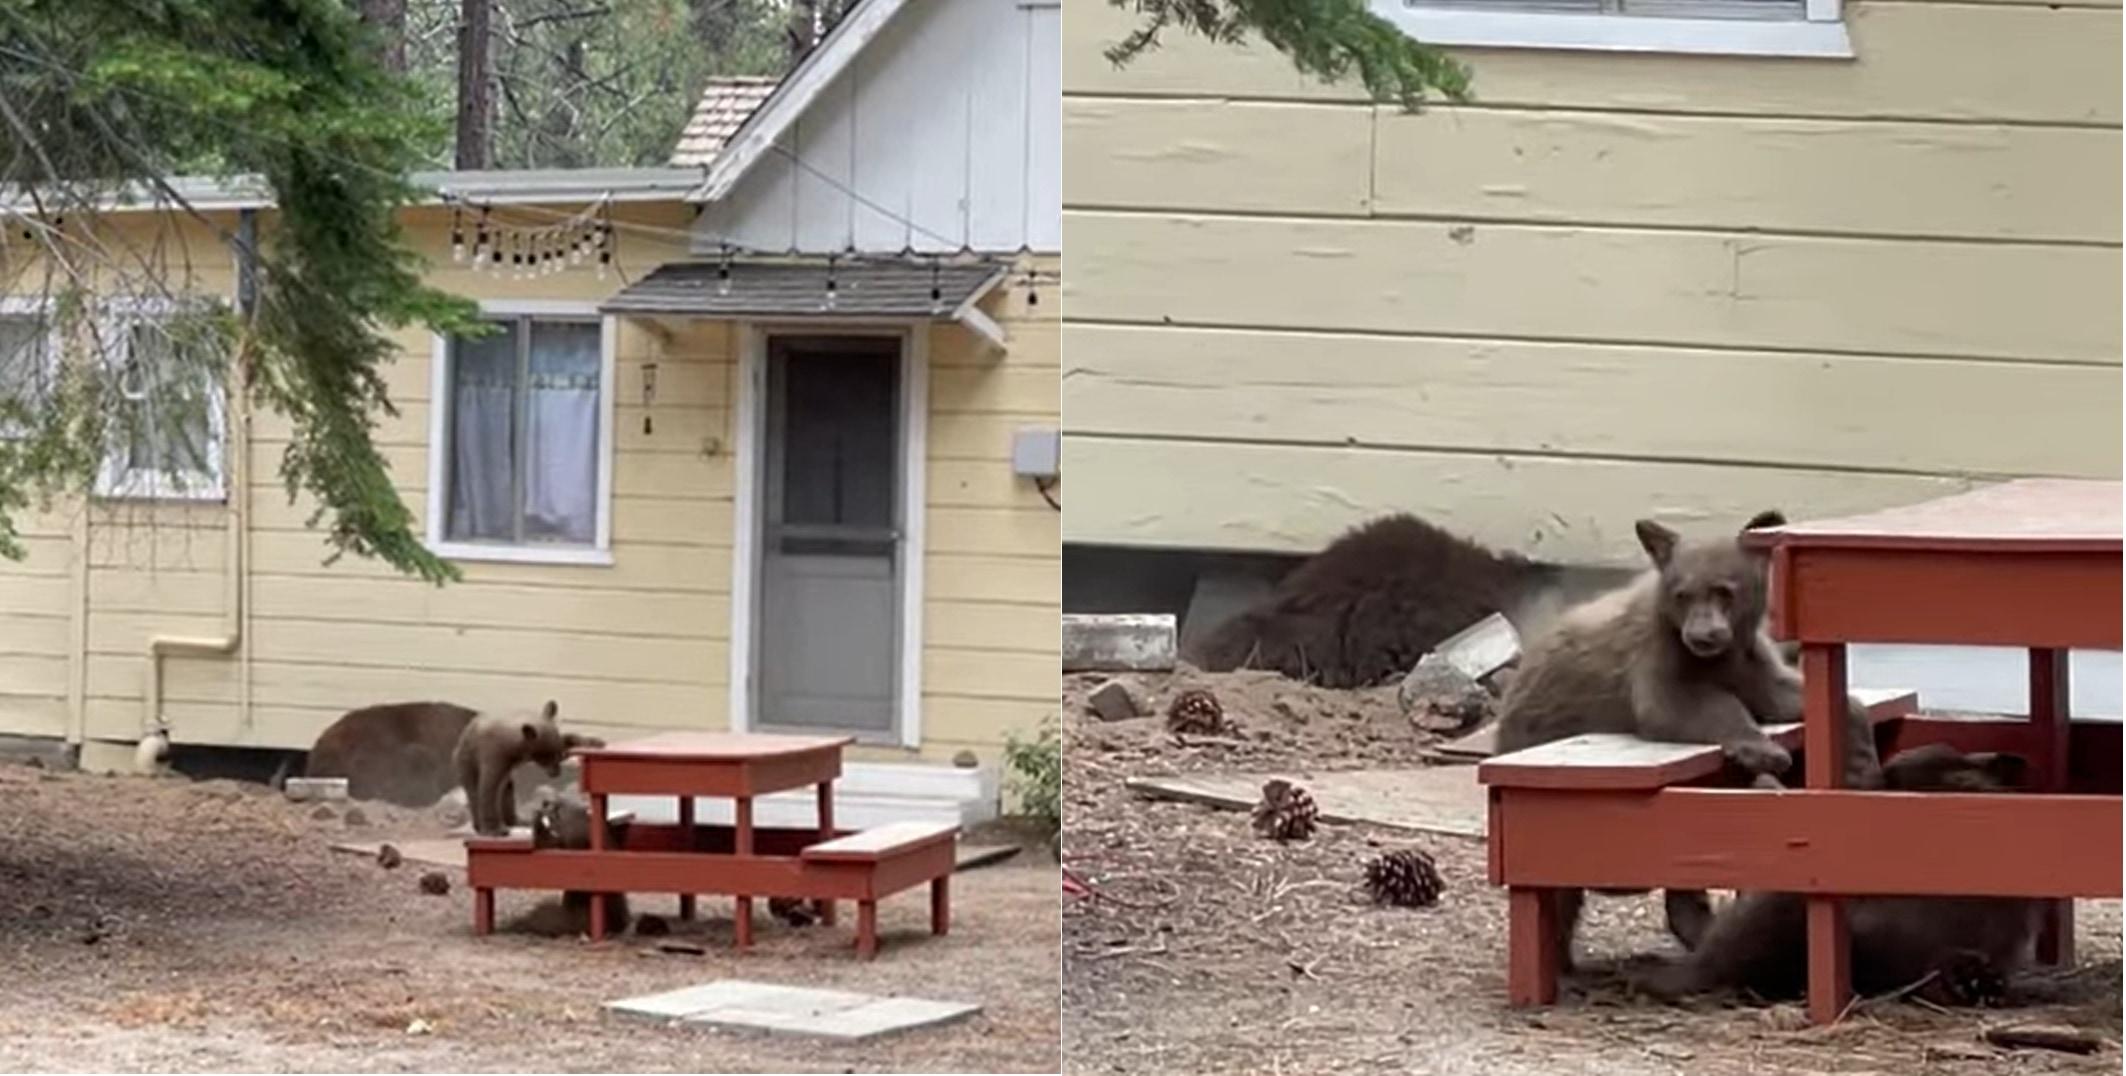 庭に置かれたテーブルで戯れるコグマ達と思いきや、その背後でビックリなことが行われていました!